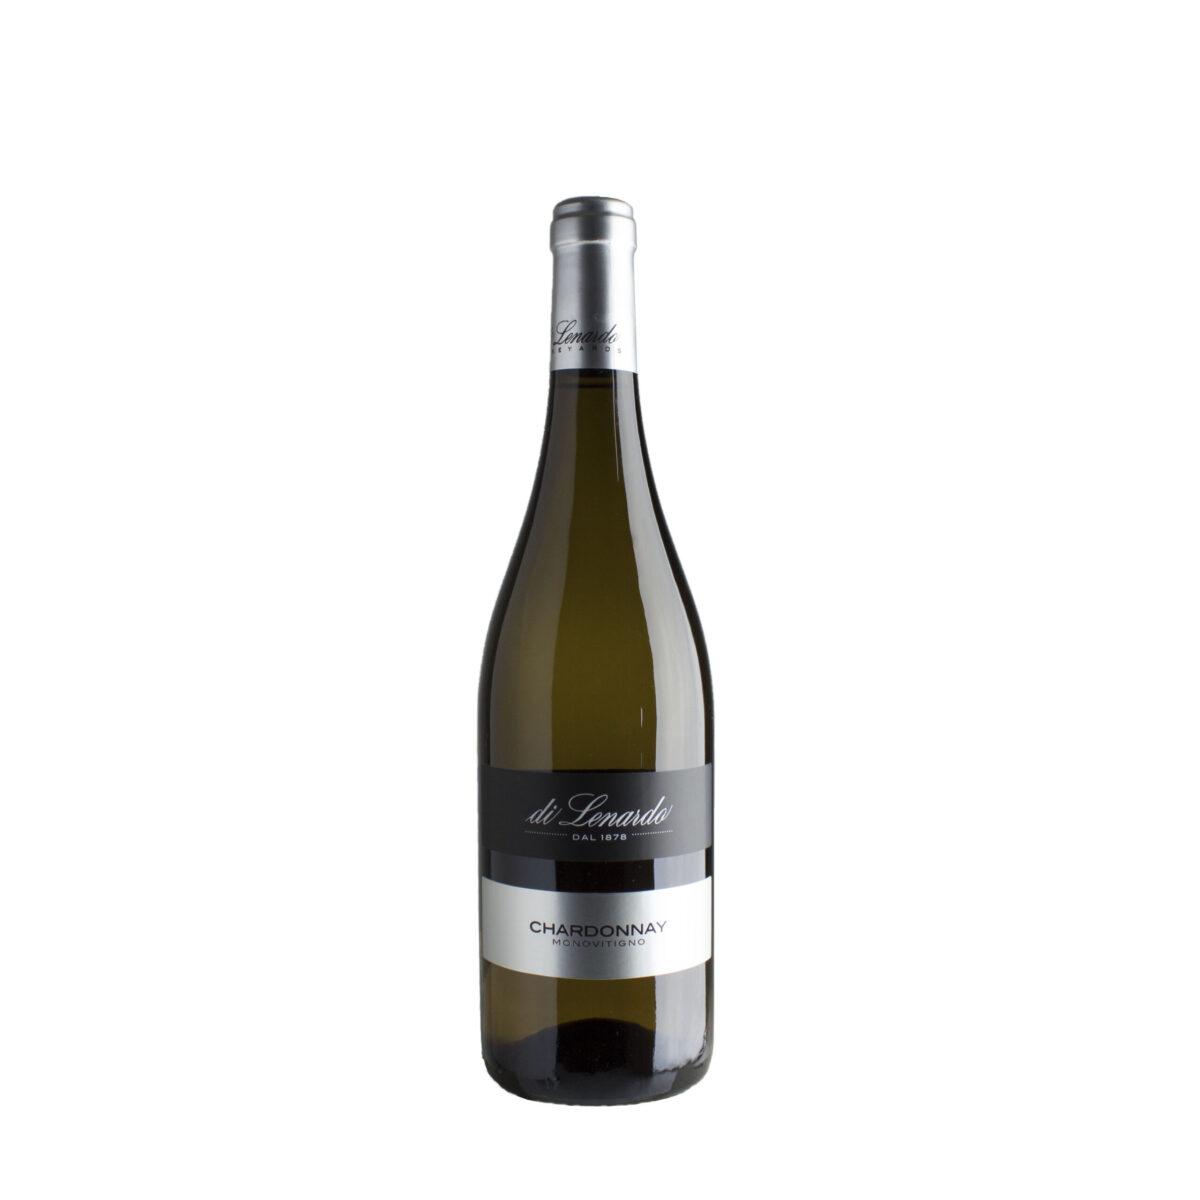 Di Lenardo Chardonnay 2016